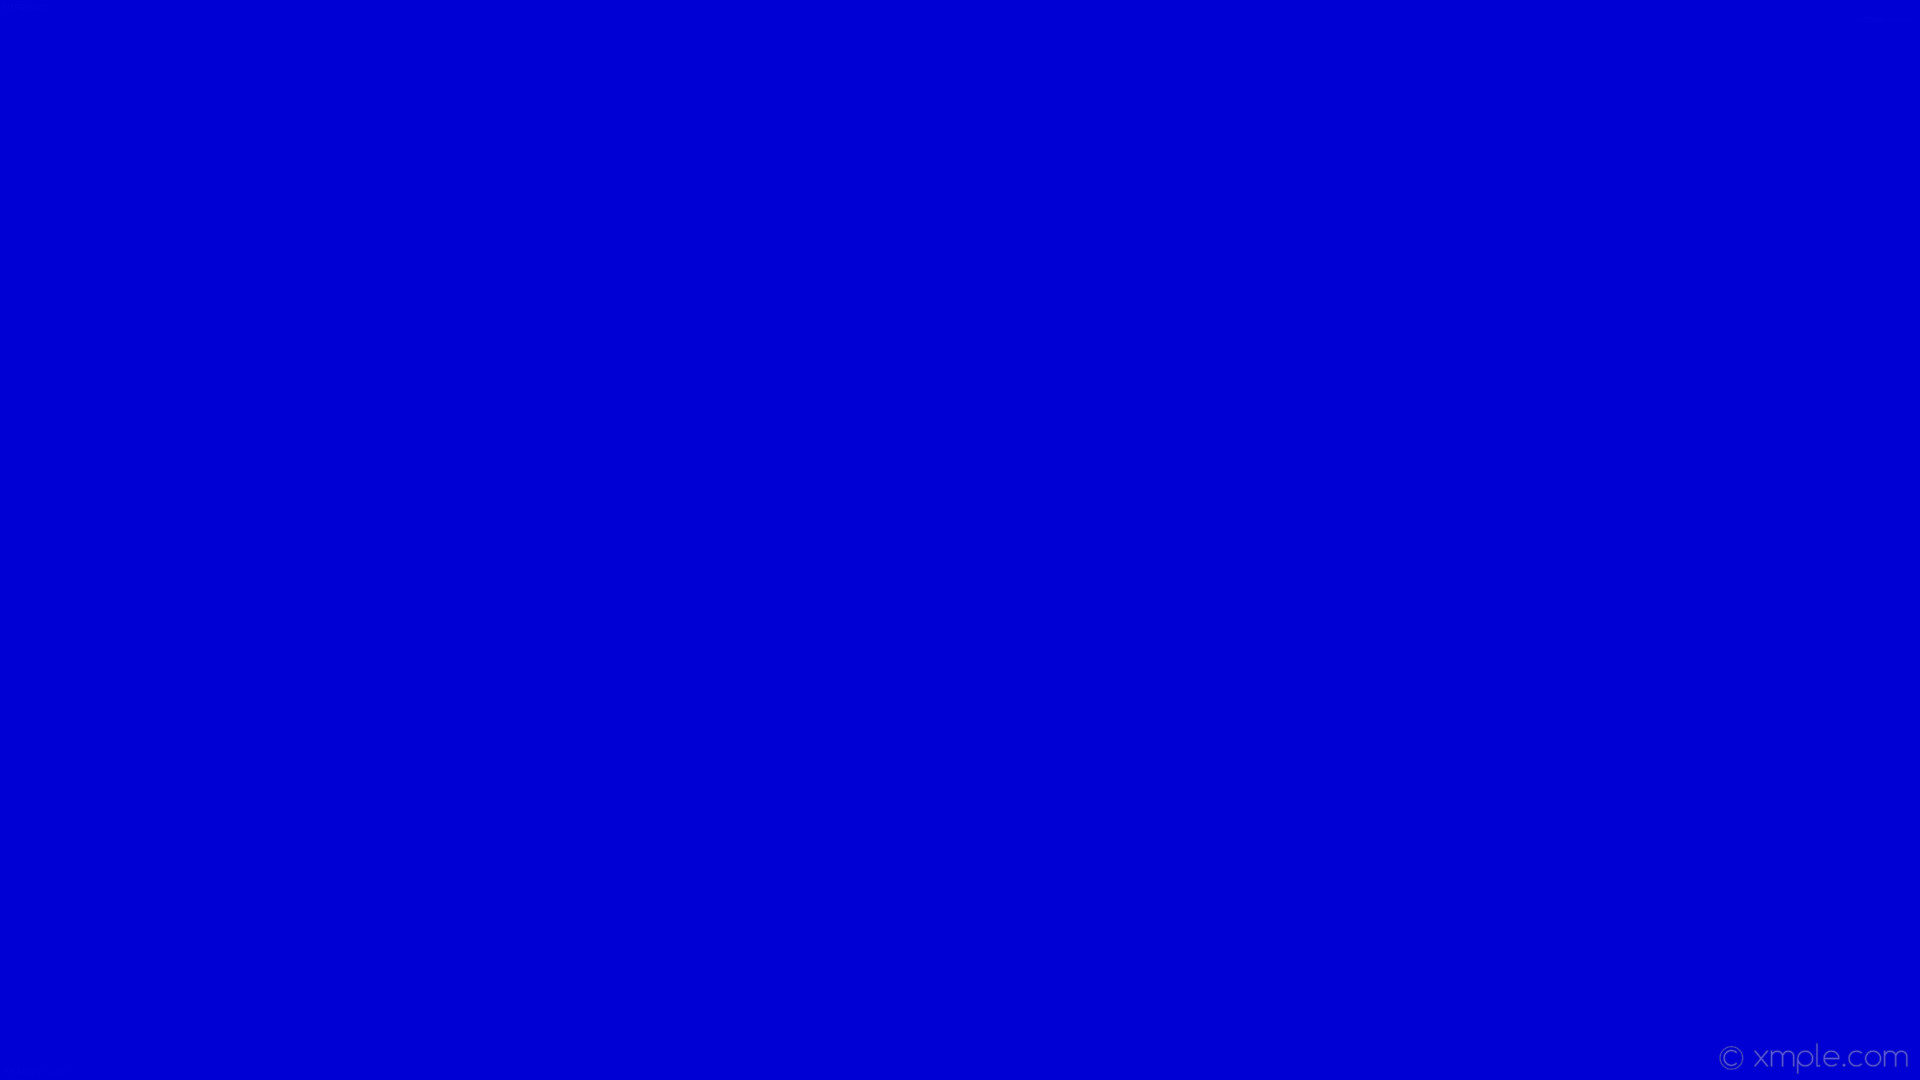 wallpaper solid color blue one colour plain single #0000d4